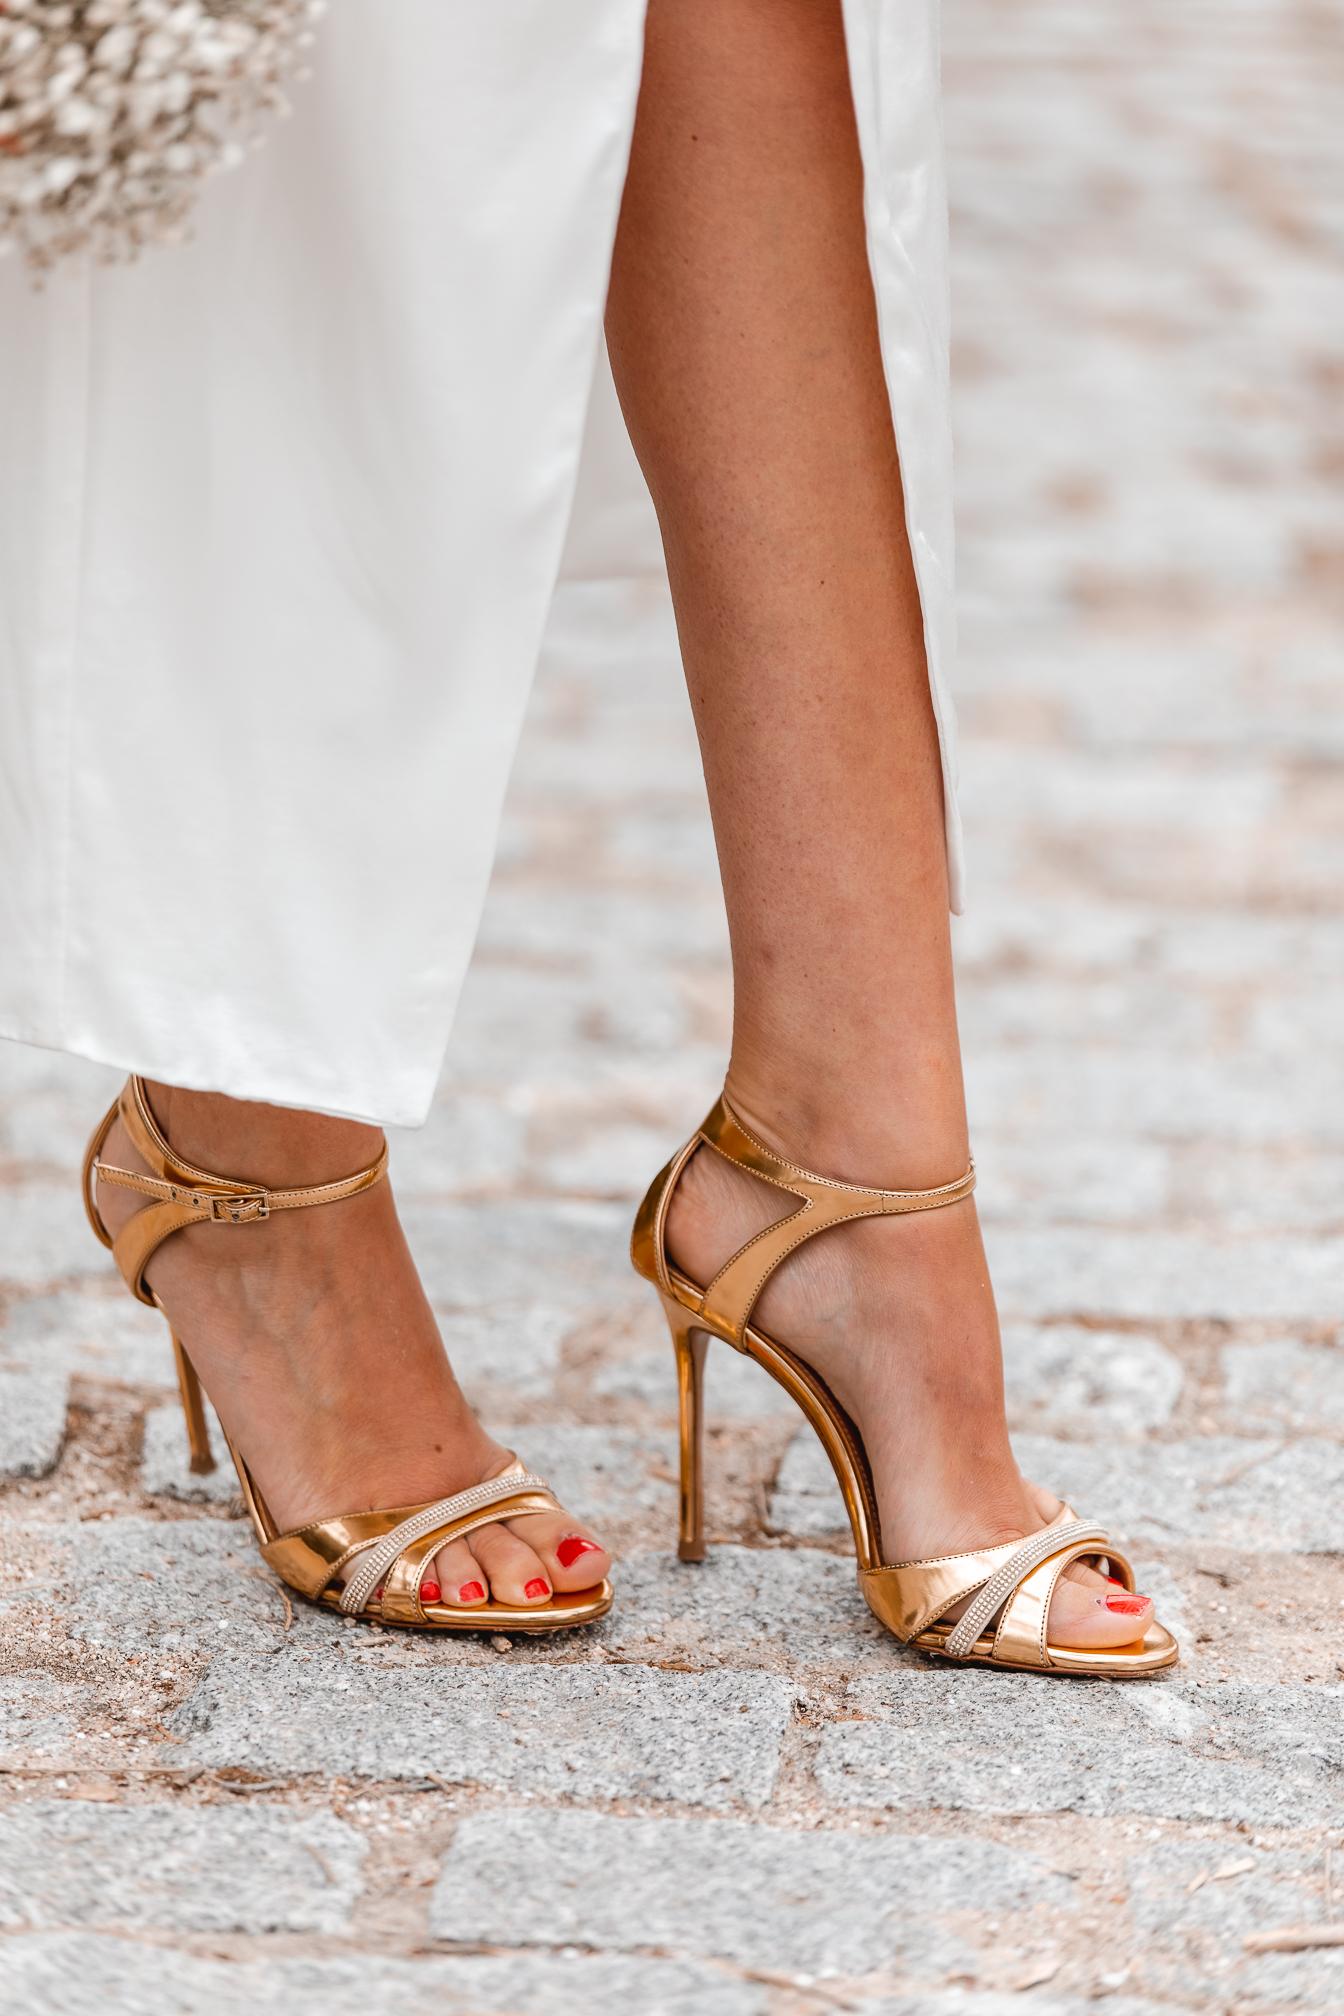 sandalia dorada invitada novia